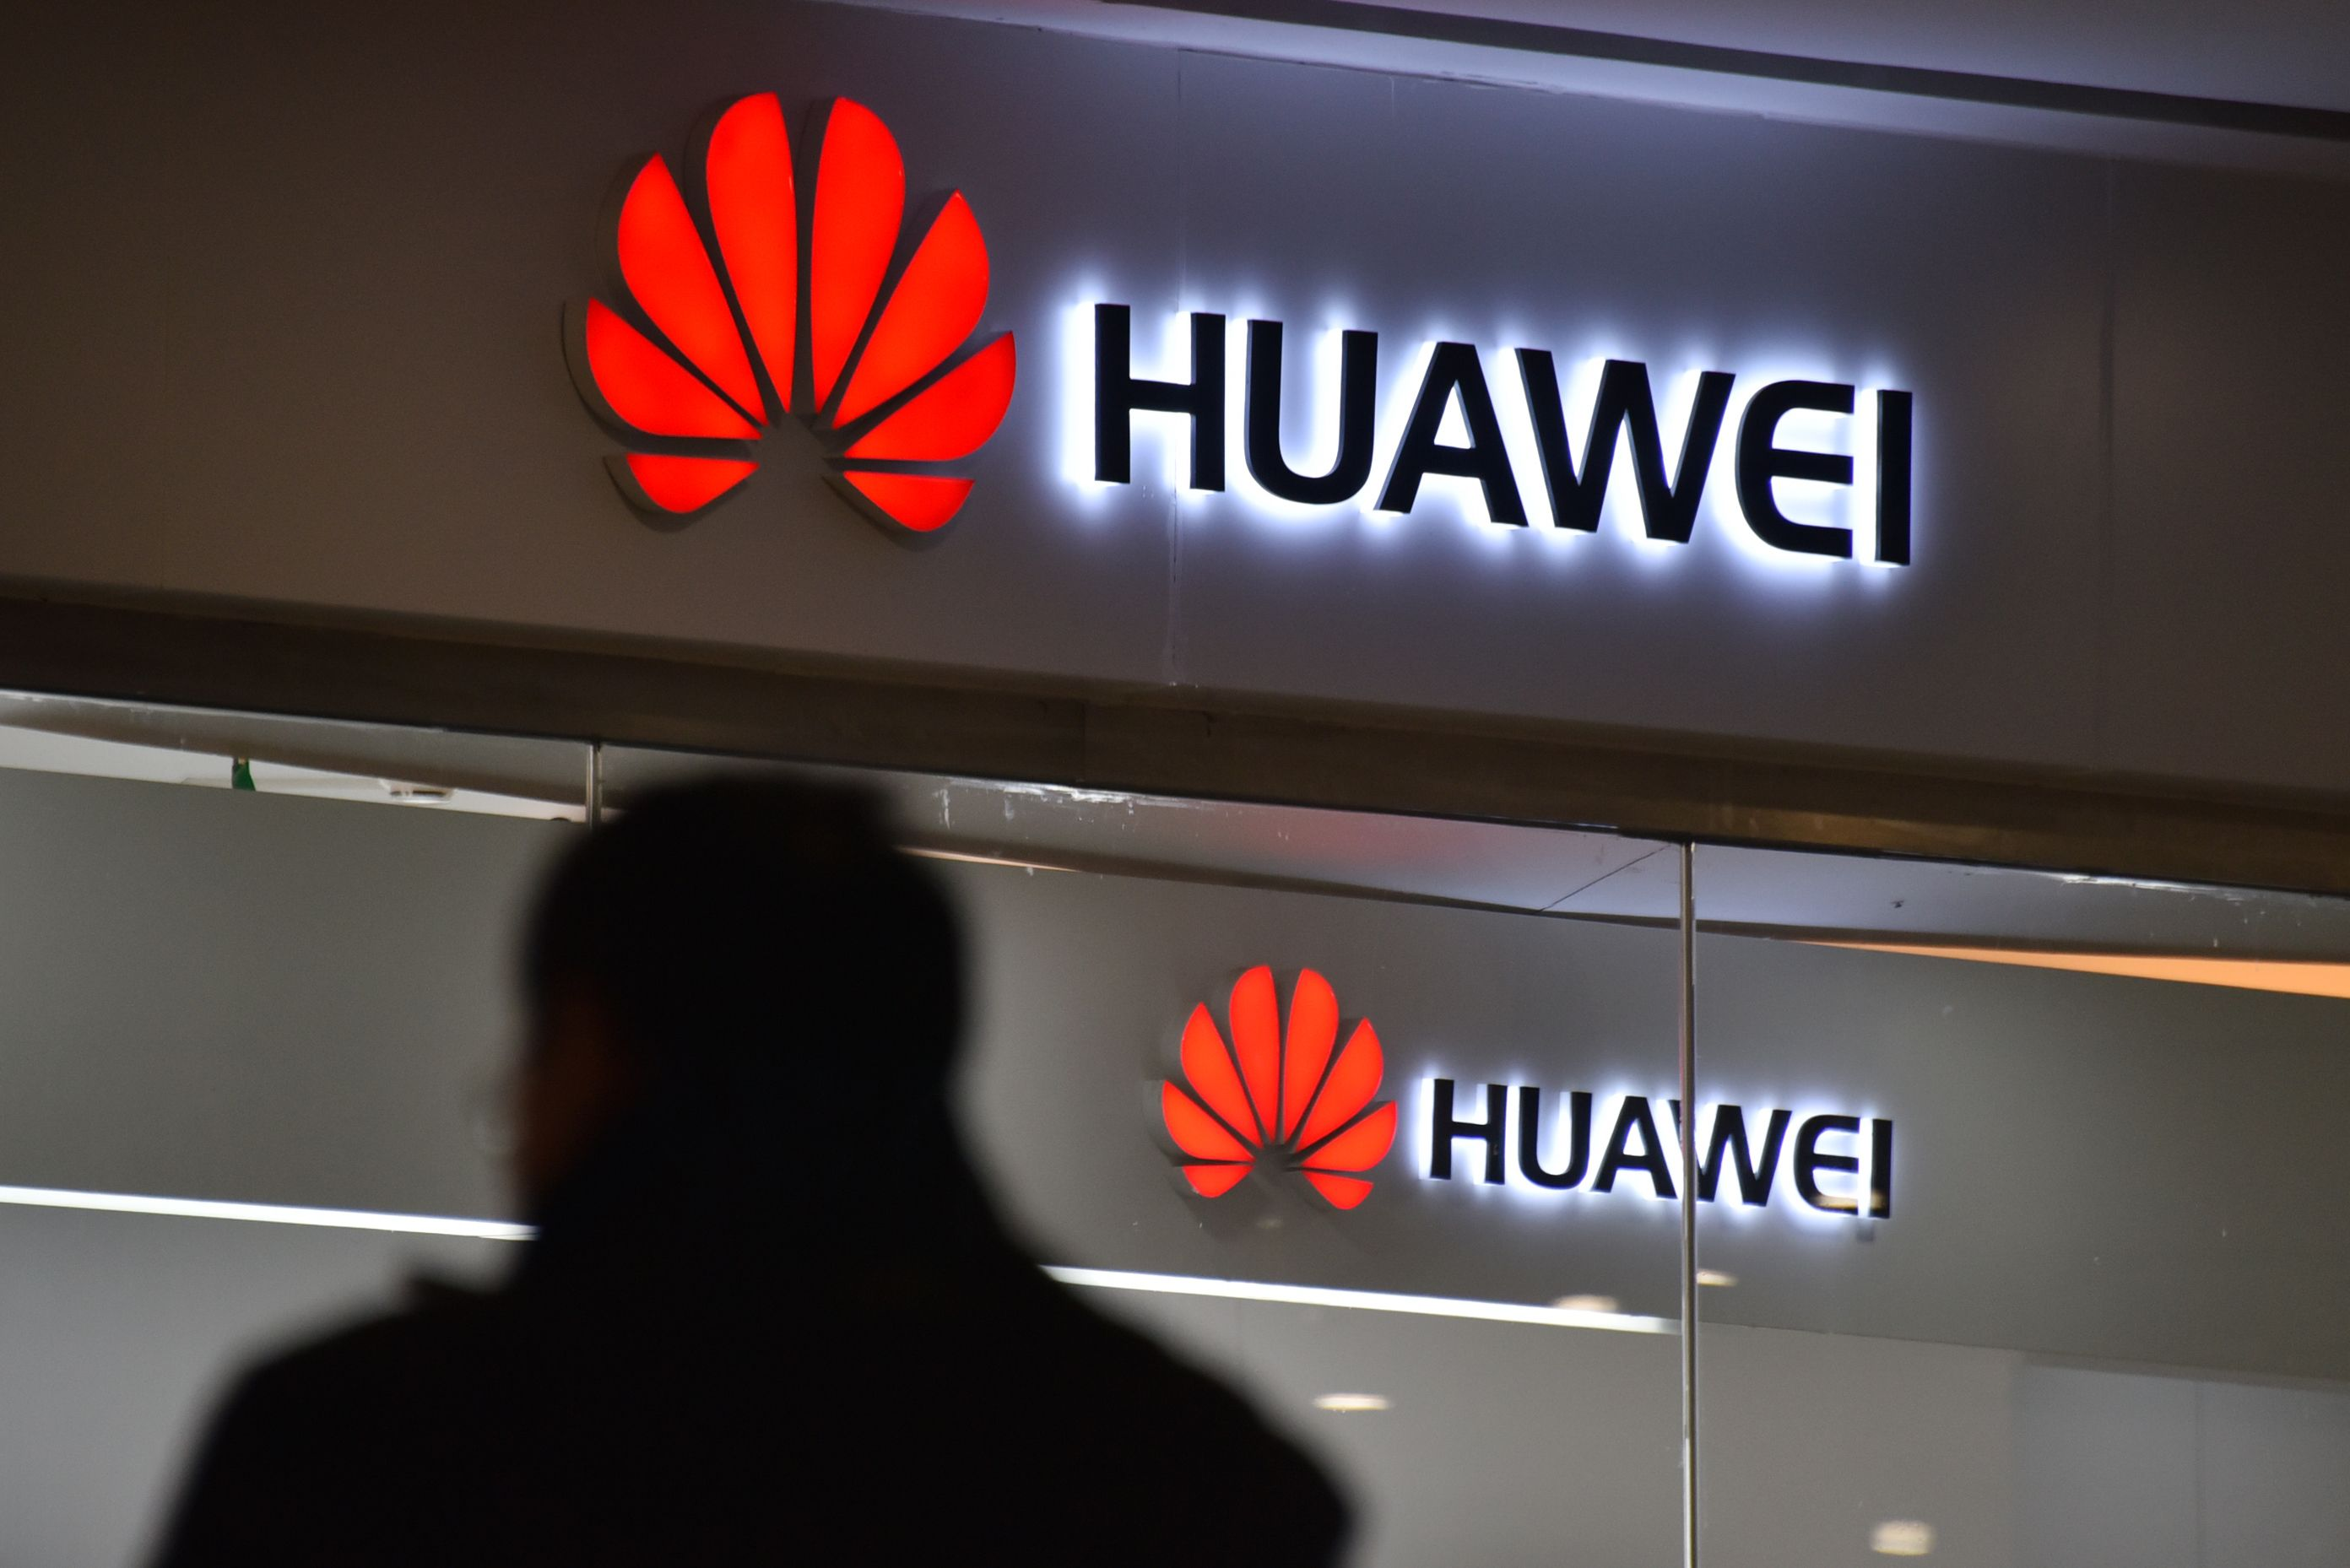 12月1日,華為公司首席財務官孟晚舟在加拿大被捕,美國參議員計劃提出議案,禁止包括華為在內的中國電信公司在美開展業務。(GREG BAKER/AFP/Getty Images)